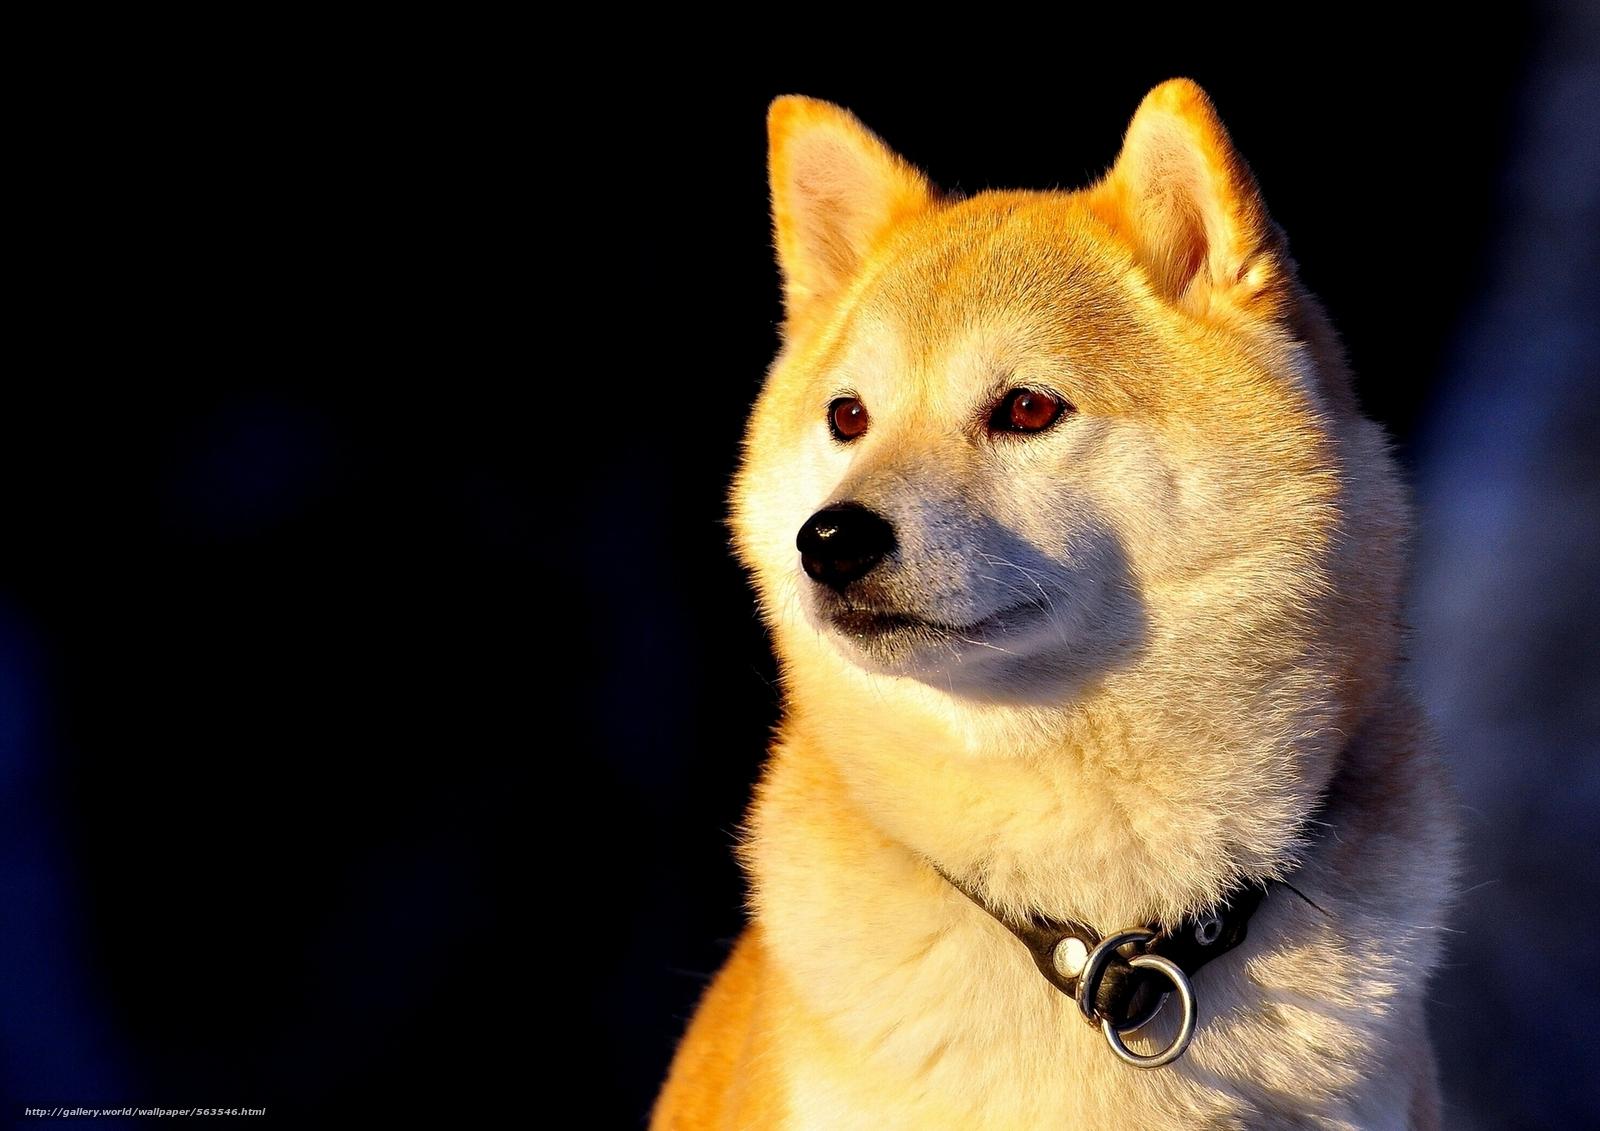 Скачать обои Сиба-ину,  ошейник,  собака бесплатно для рабочего стола в разрешении 1920x1357 — картинка №563546